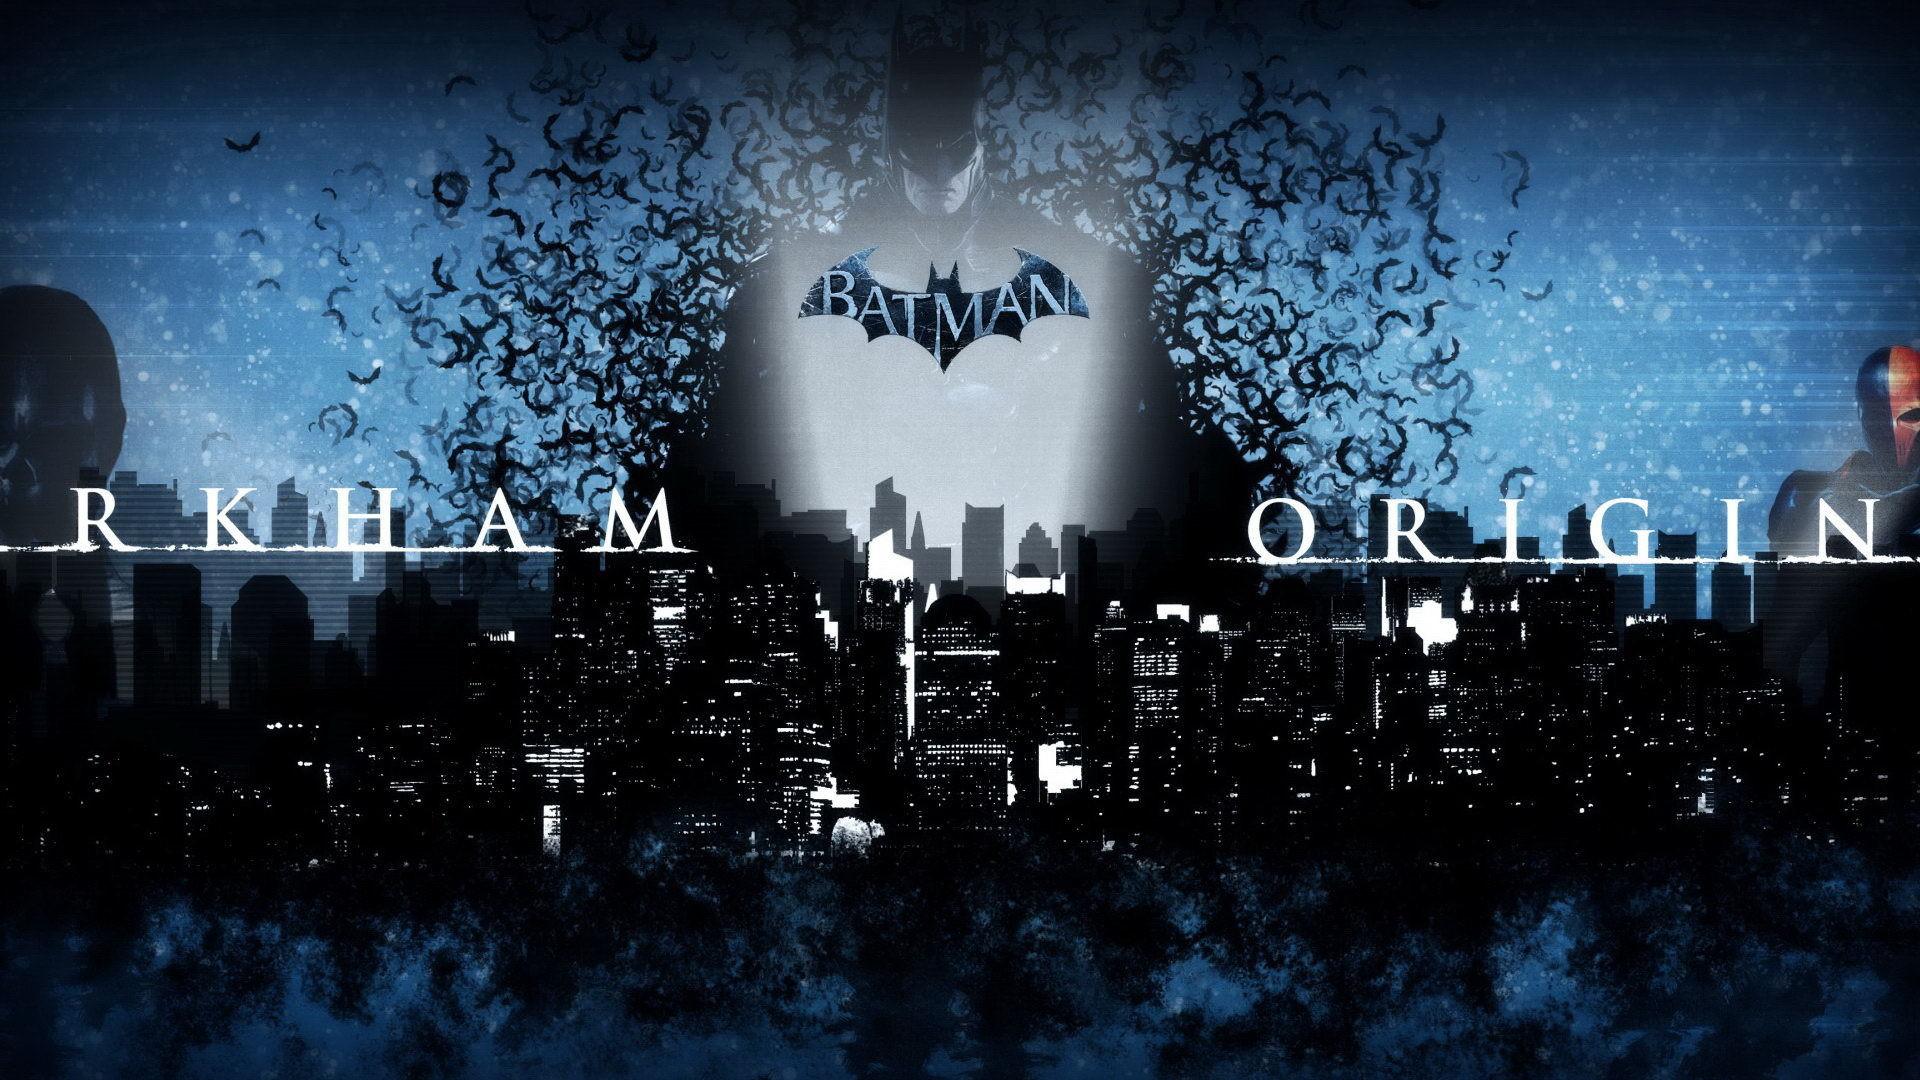 Batman HD Desktop Wallpaper 1920x1080 78 Images